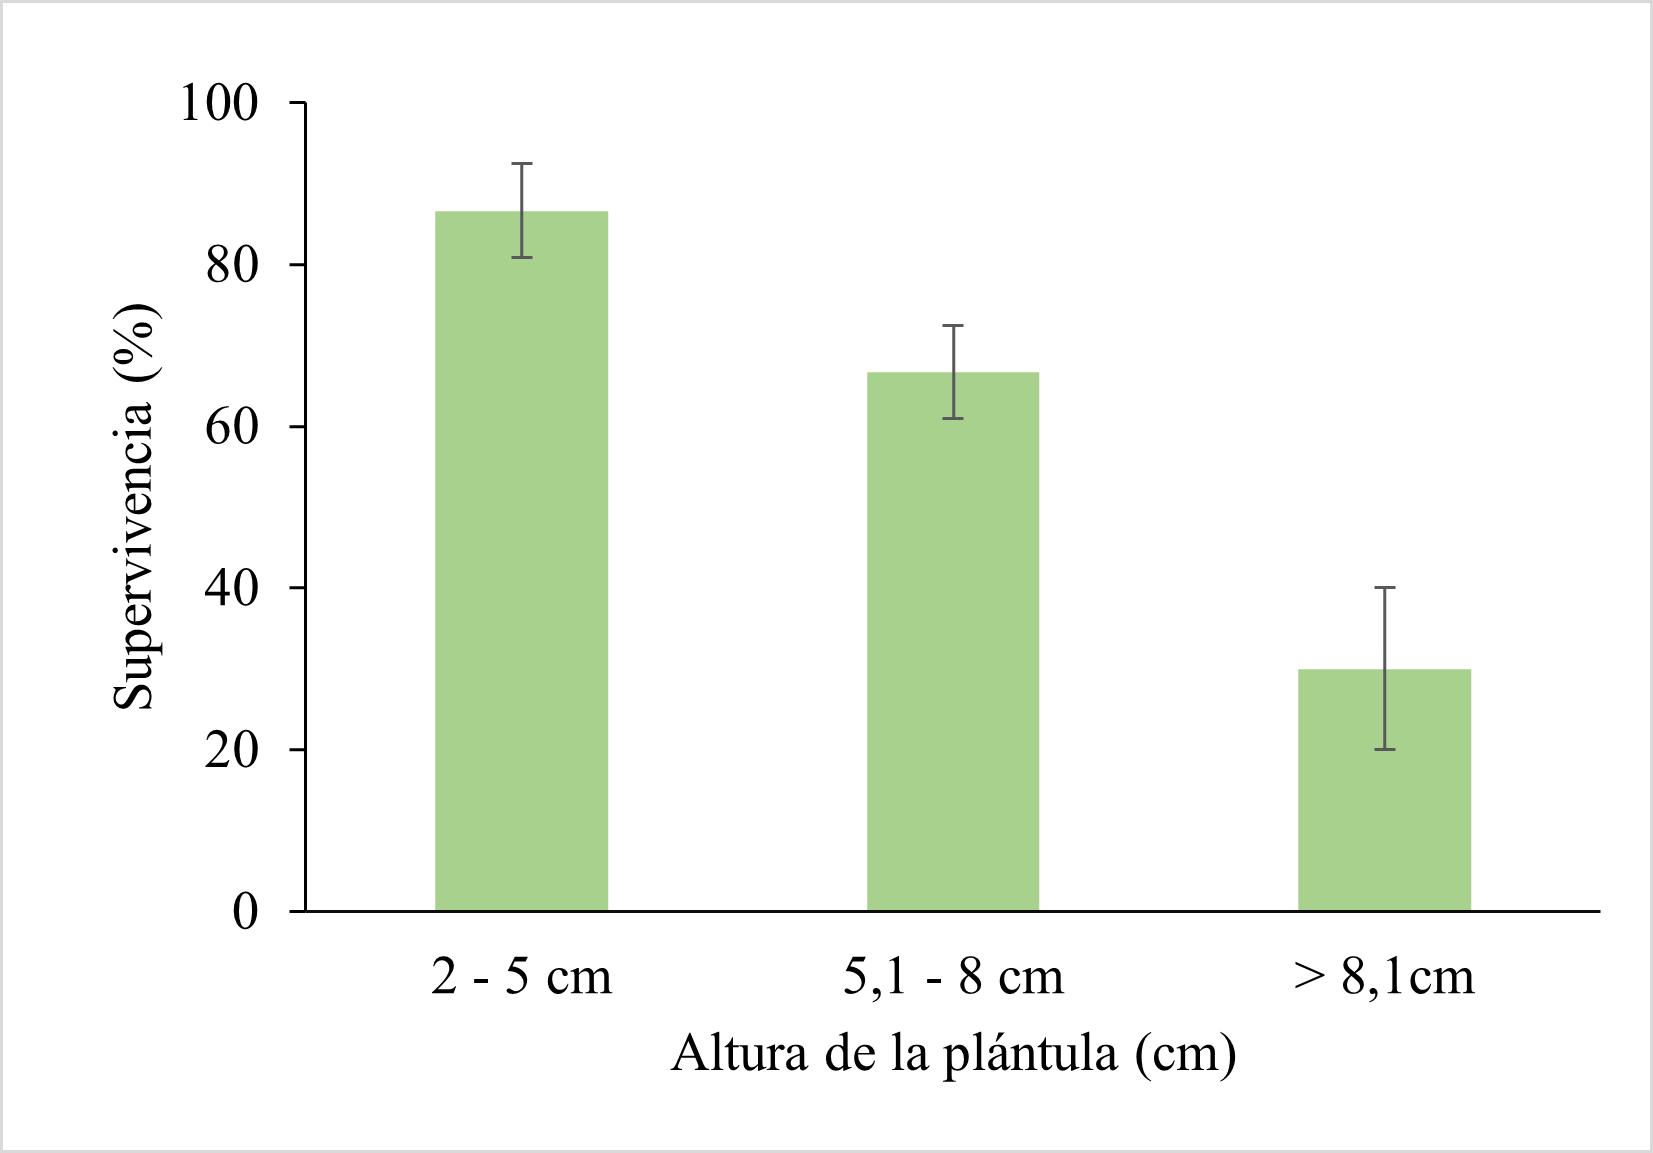 Efecto del tamaño de plántula sobre la supervivencia al trasplante de plántulas de C. officinalis L